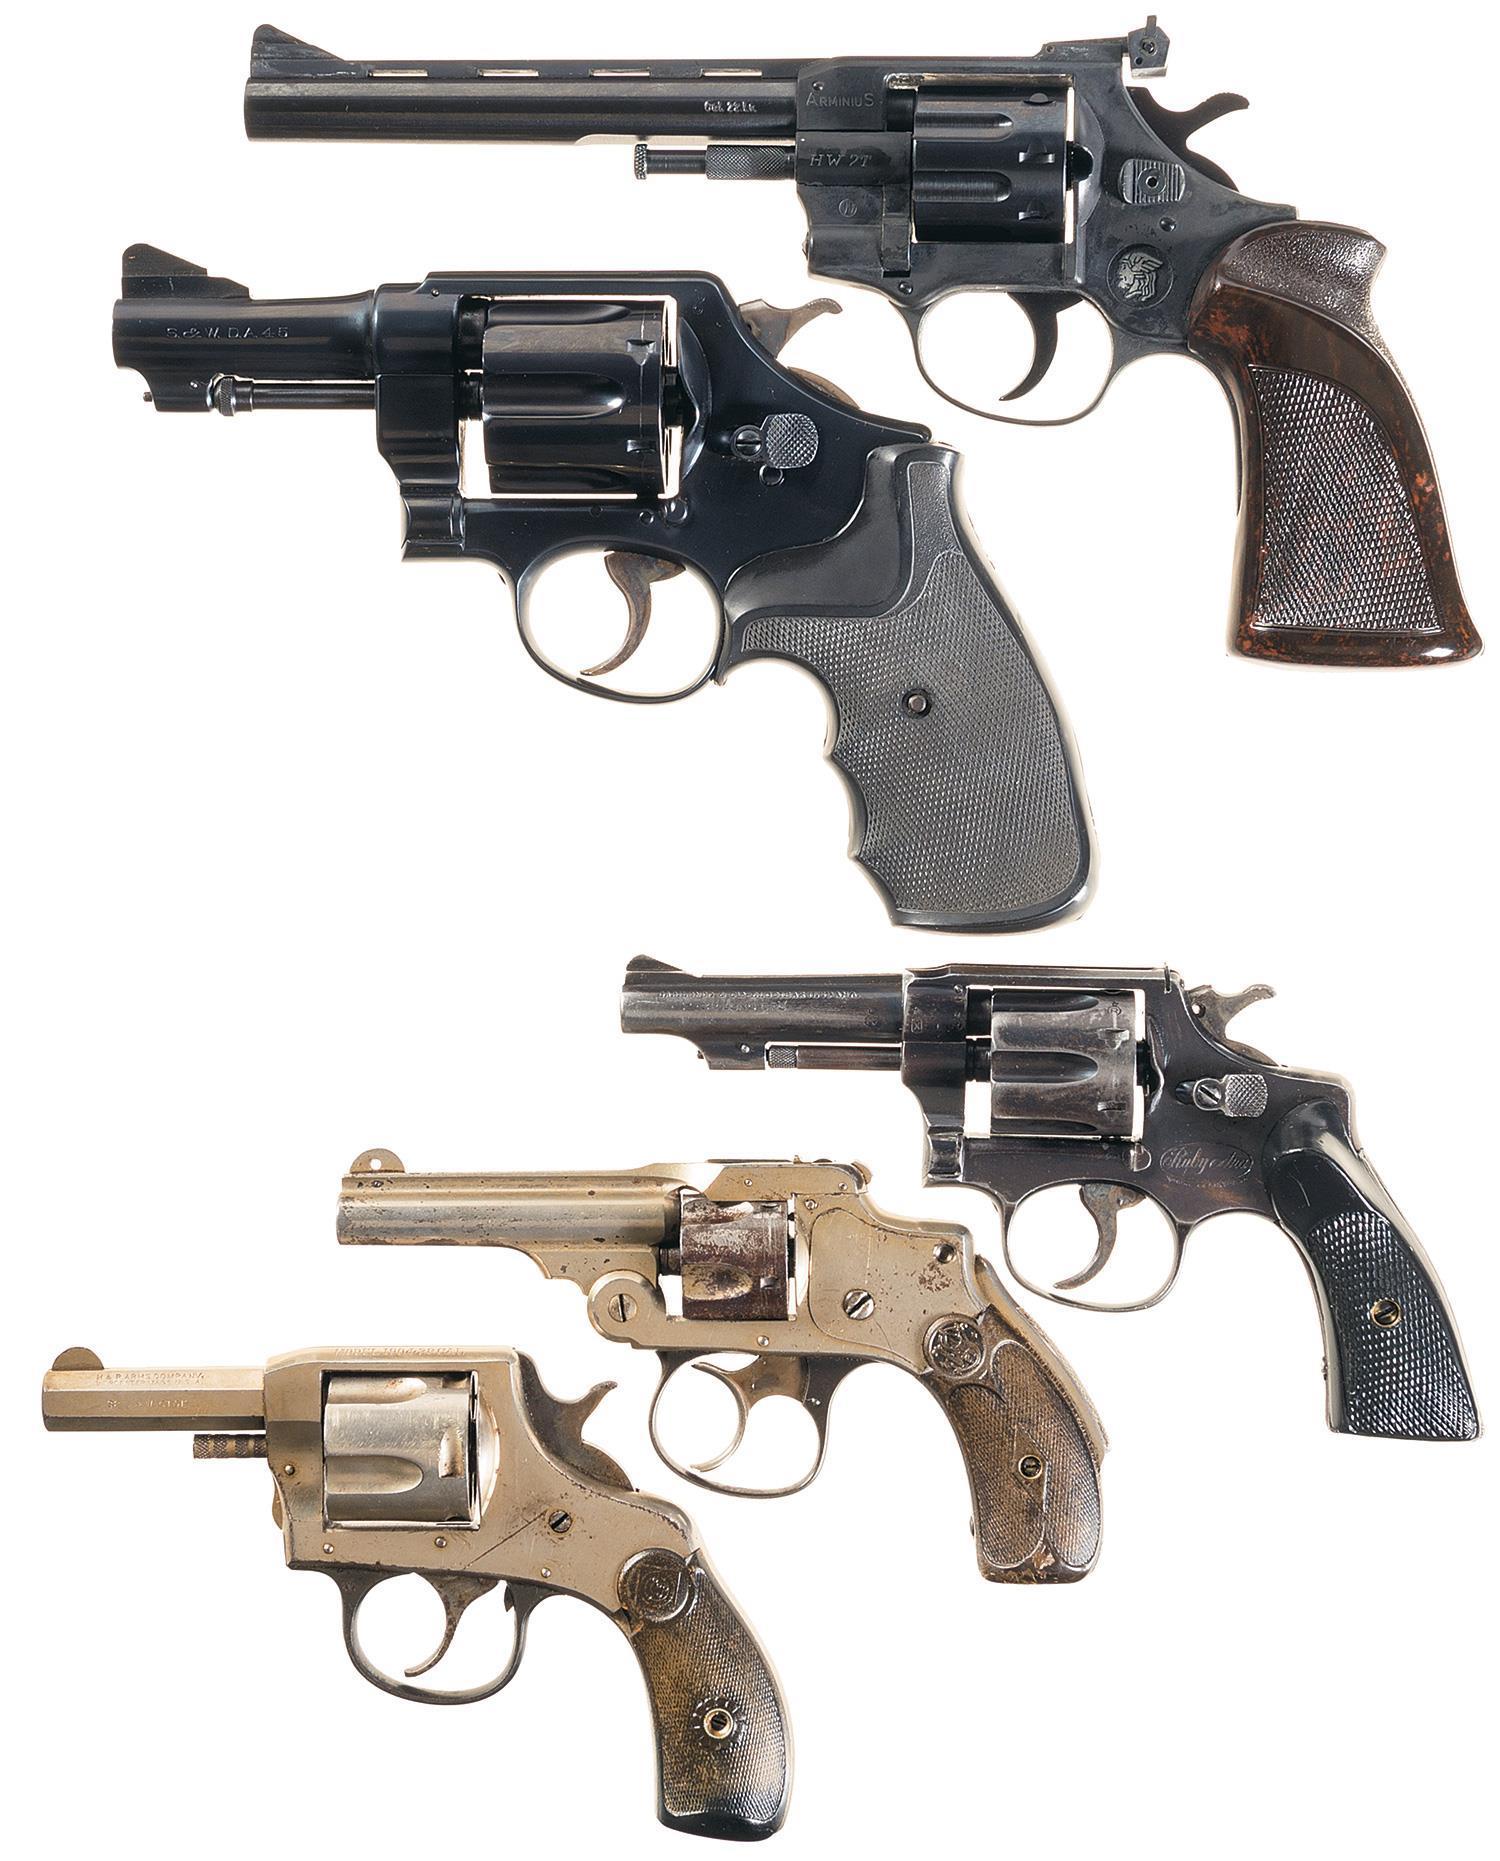 Five DA Revolvers